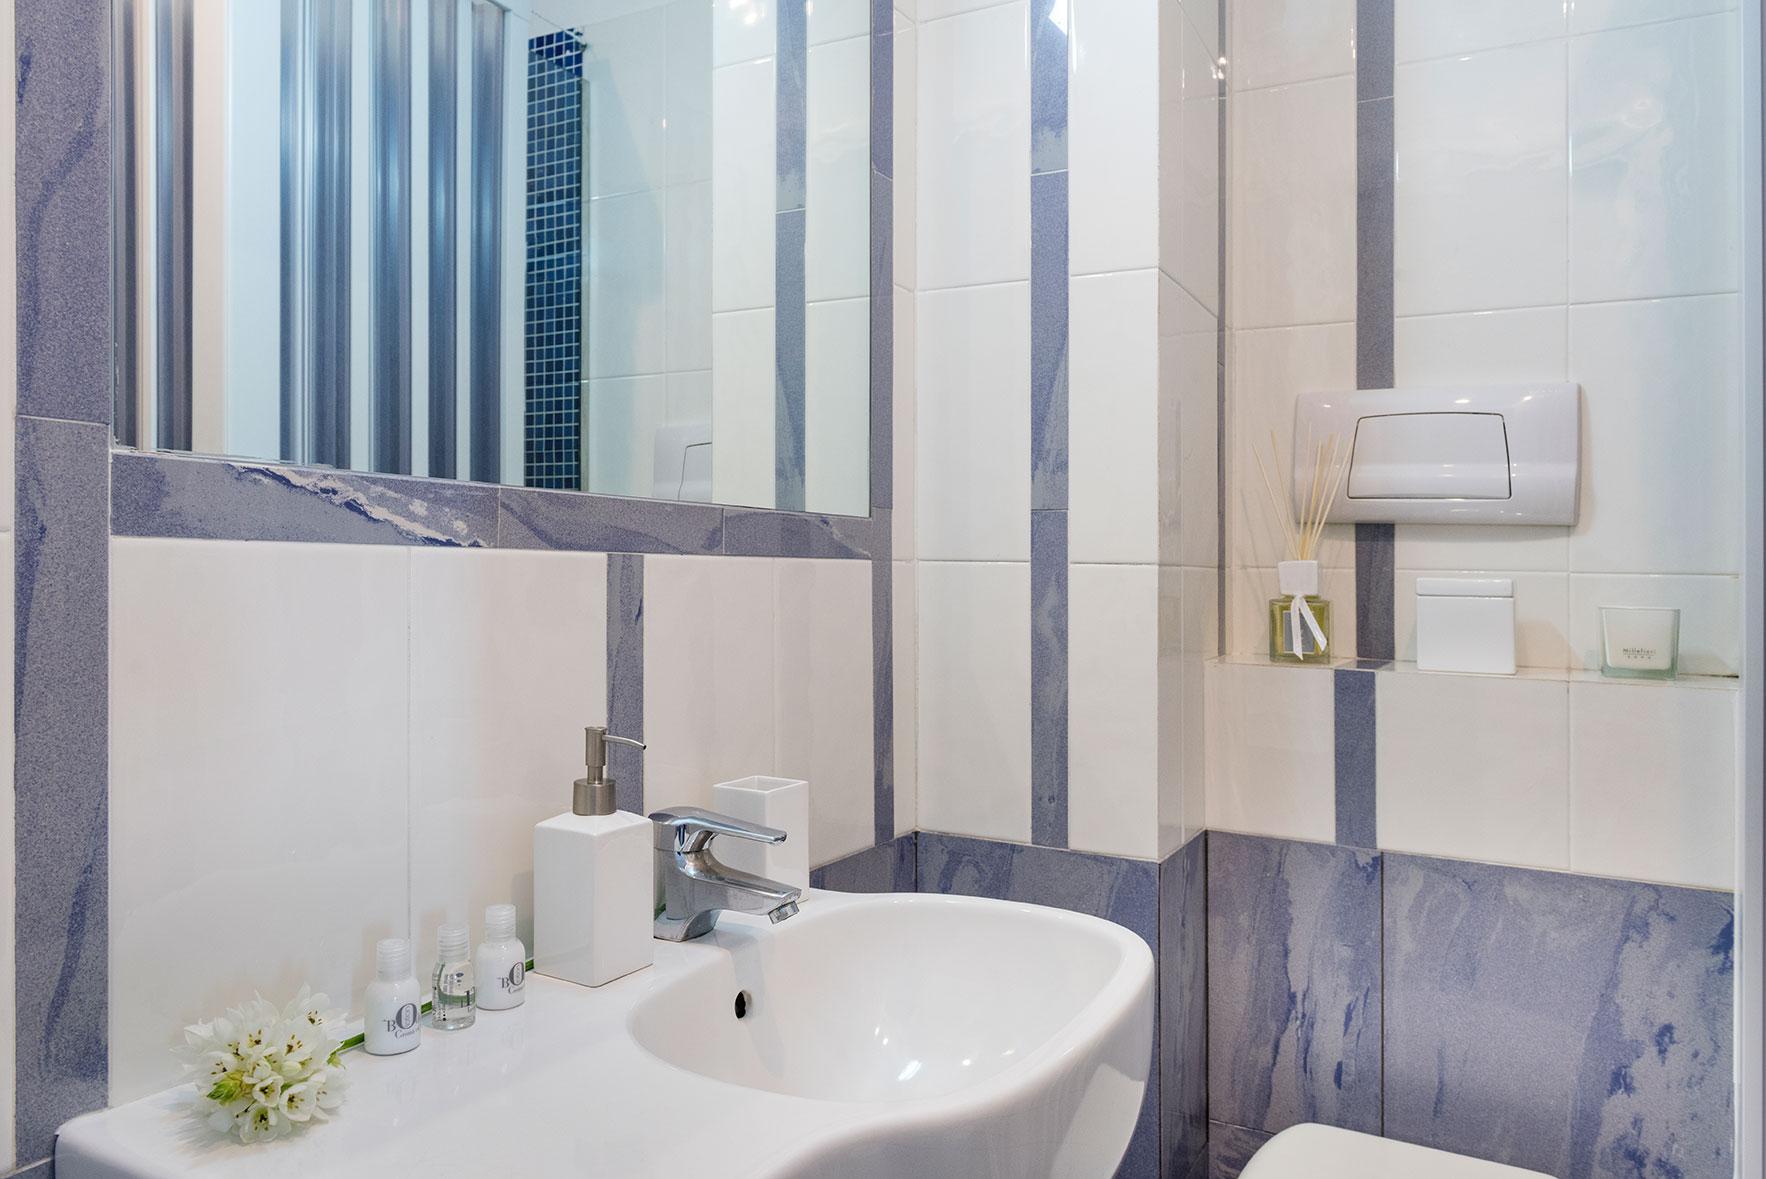 camere-classic-fiorentini-residence-napoli-7